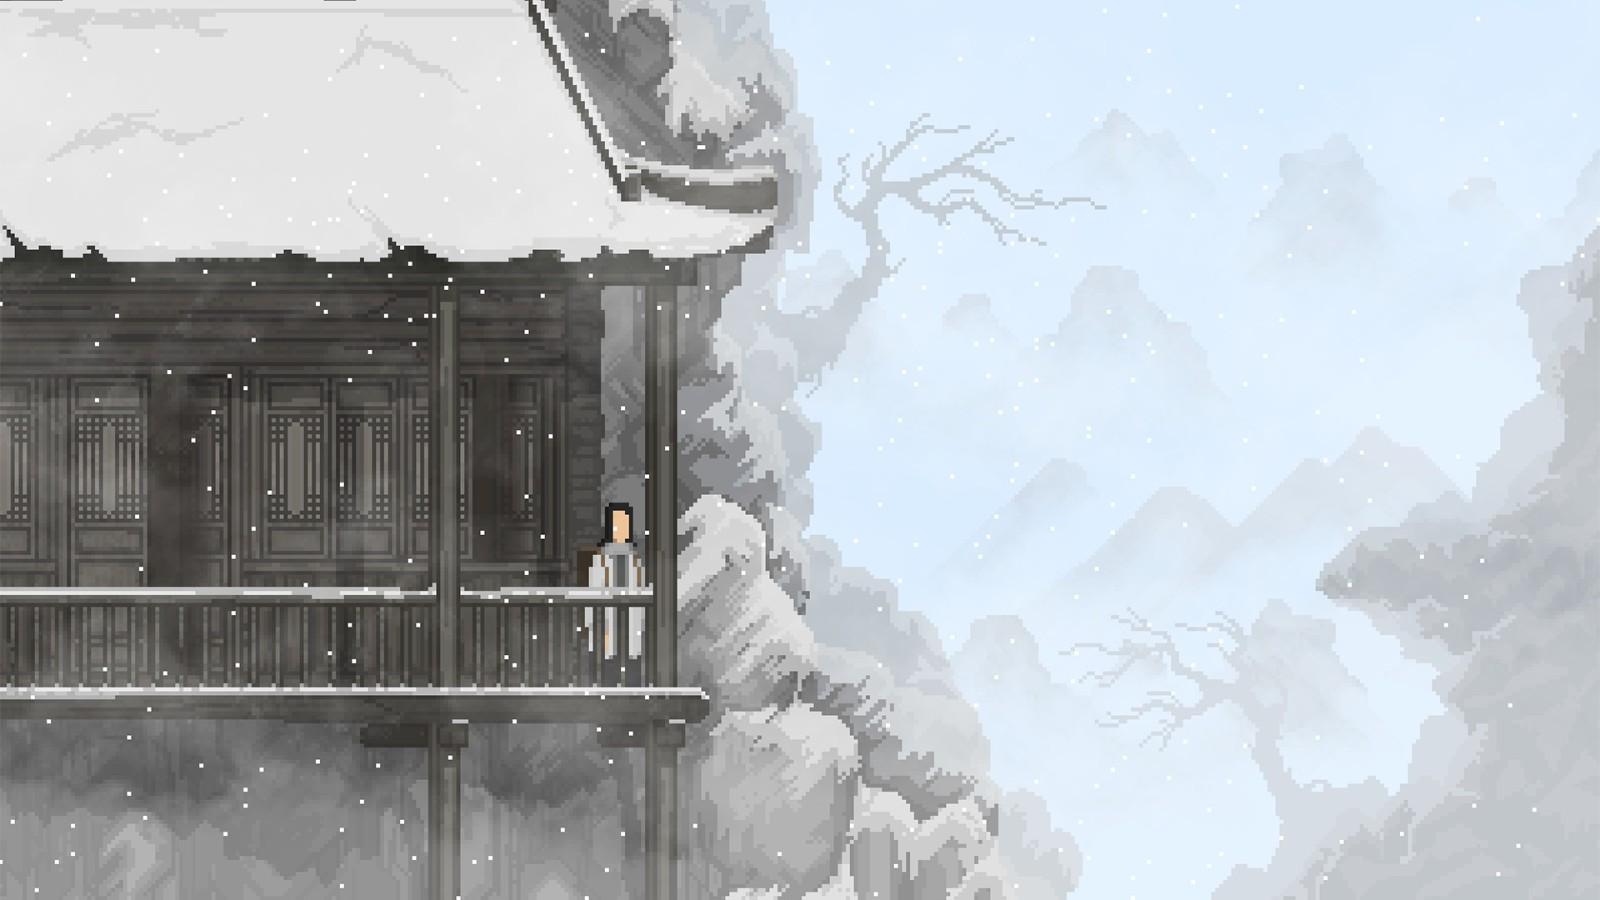 国风冒险游戏《山海旅人》新预告 今秋正式发售